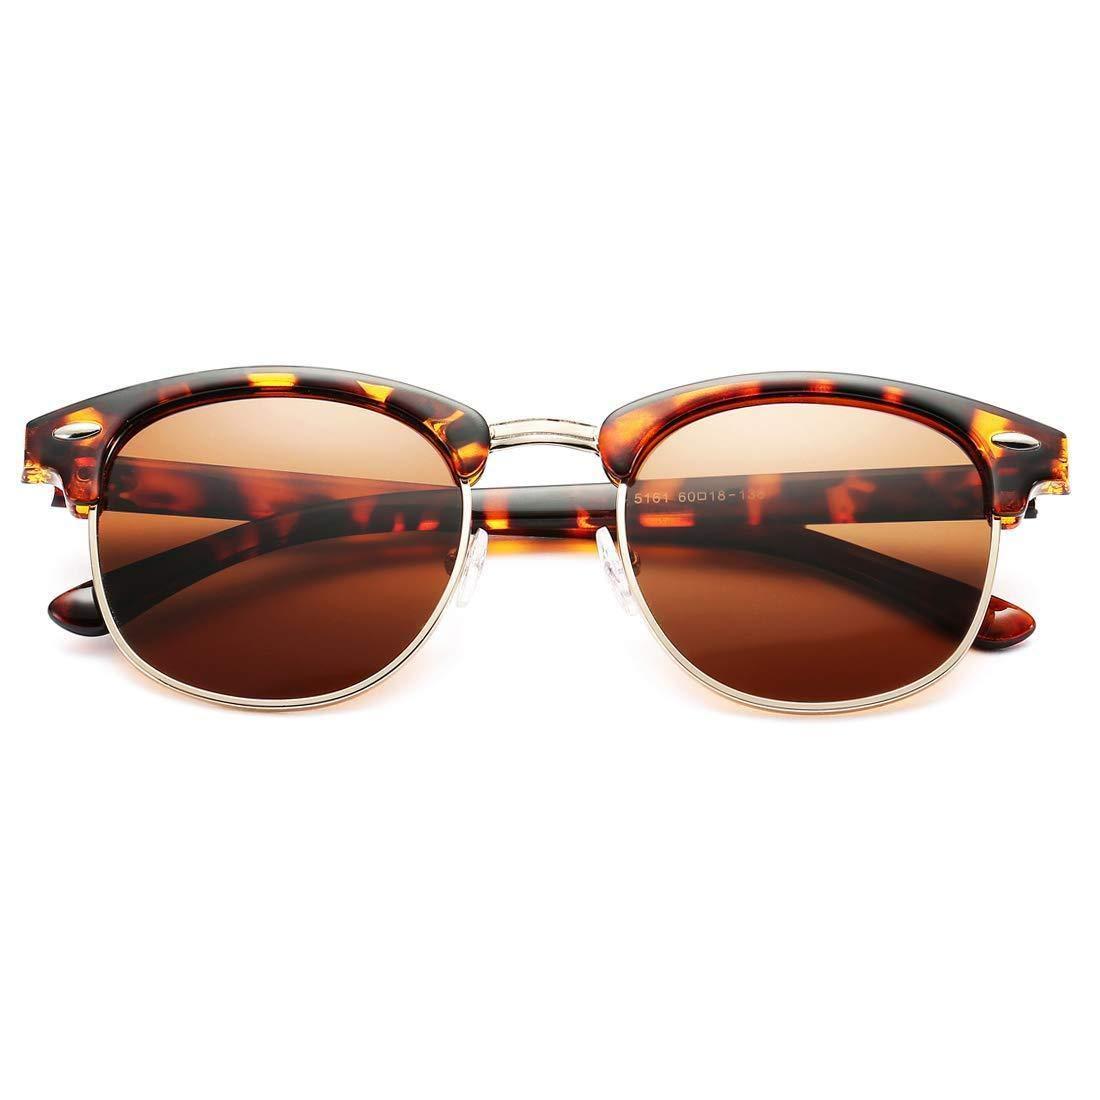 Huojingli Retro Semi Rimless Polarized Clubmasters Sunglasses Classic Men Women Clear Glasses